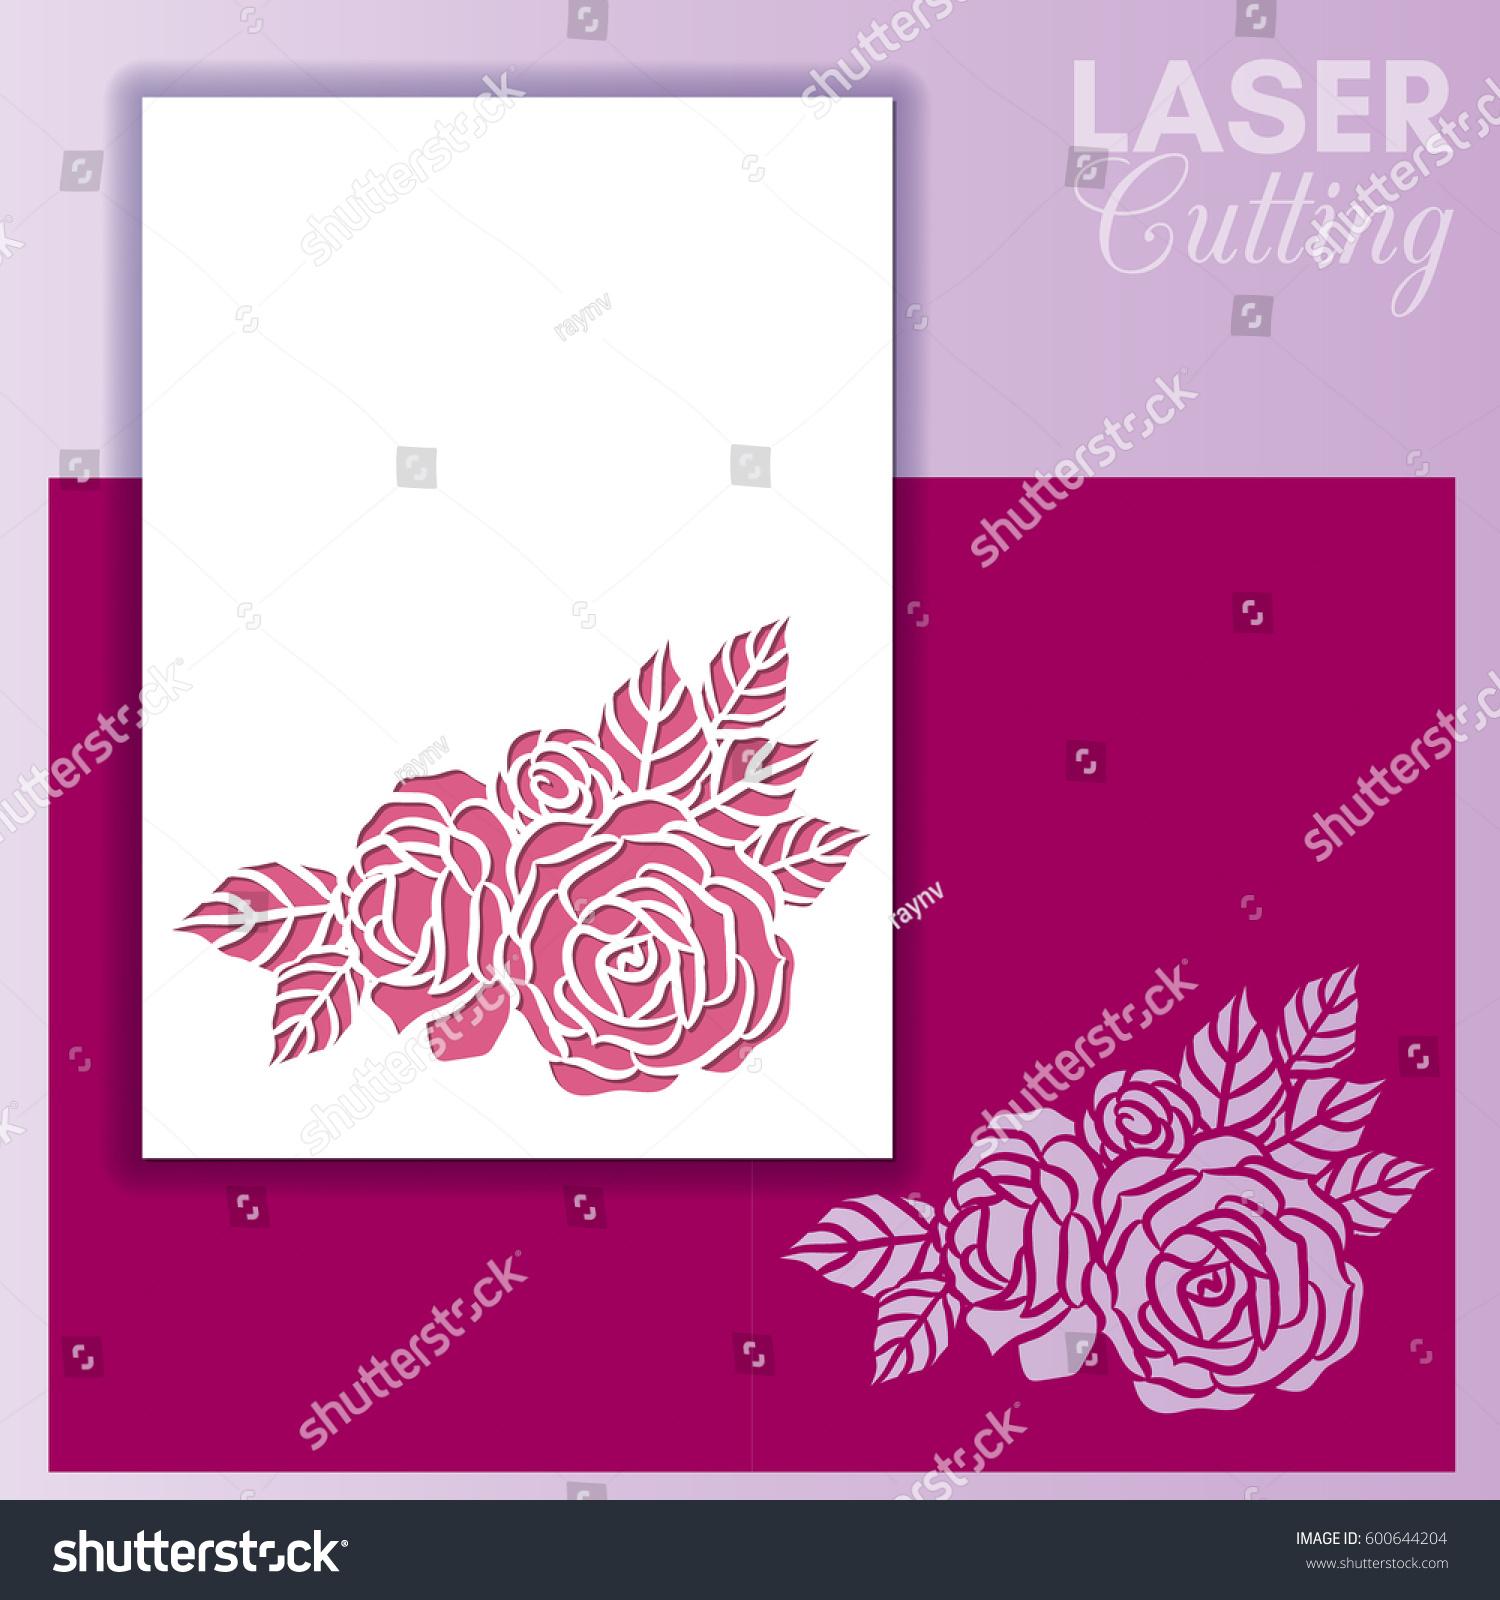 Laser cut wedding invitation greeting card stock vector hd royalty laser cut wedding invitation or greeting card with roses invitation envelope mock up for laser m4hsunfo